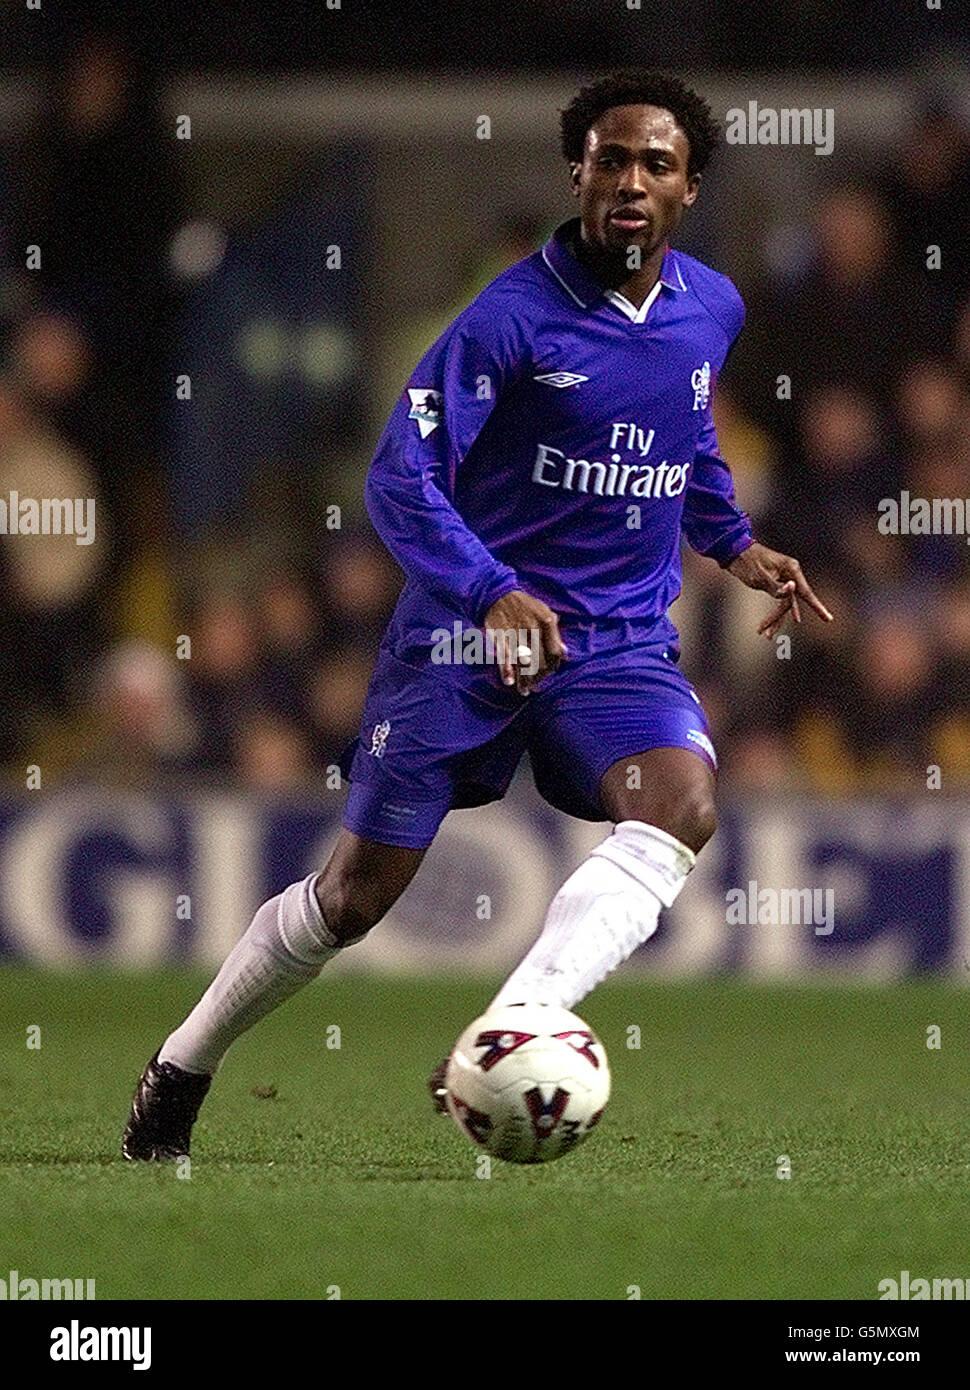 FOOTBALL CHELSEA  -  CELESTINE BABAYARO - Stock Image